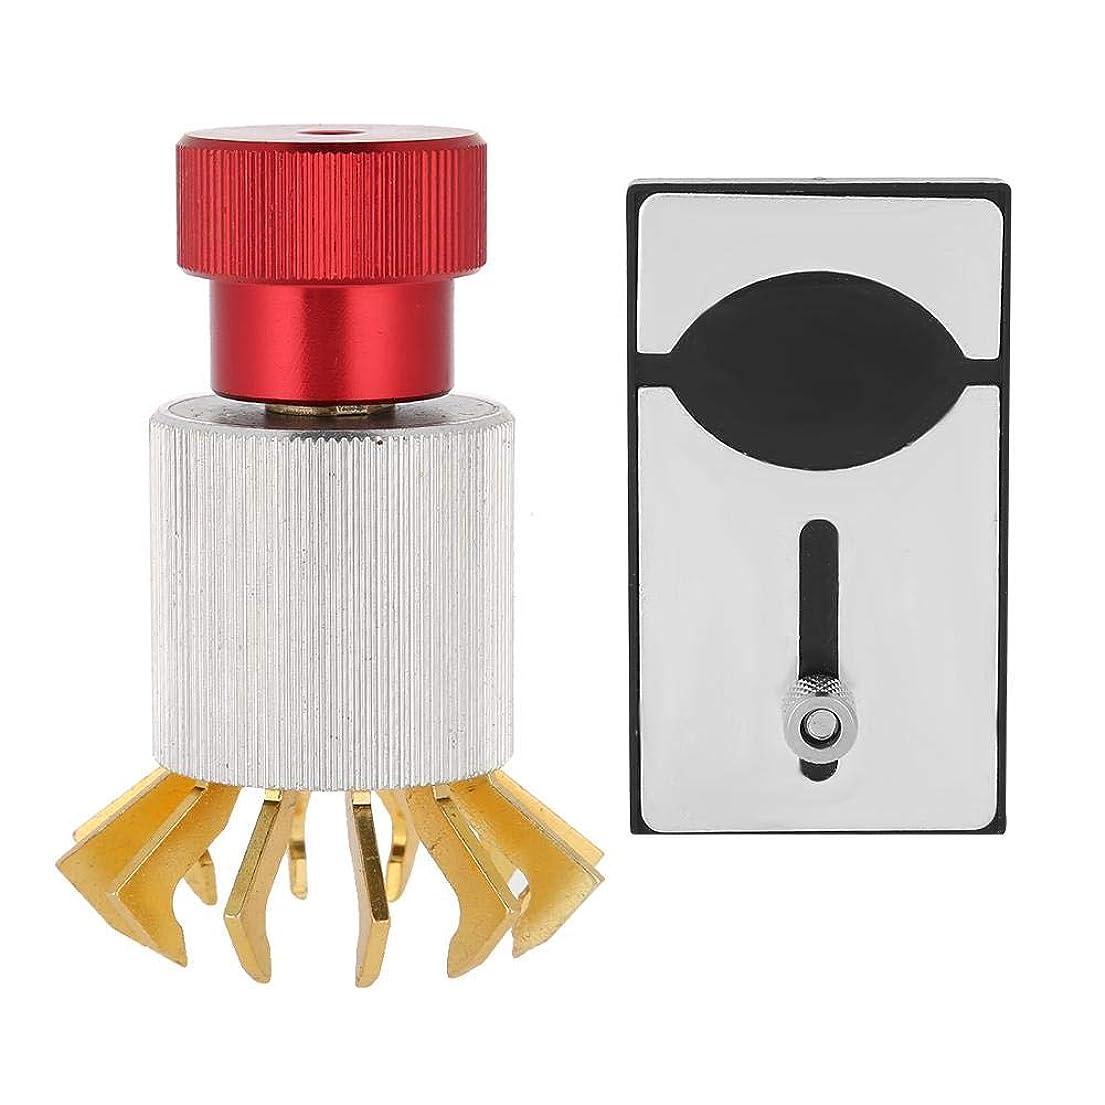 待つ着る適合Salmueウォッチ修理ツール表示クリスタルエレベーターボックス分解ボトルオープナーウォッチガラス交換修理ツール自分でバッテリーを交換